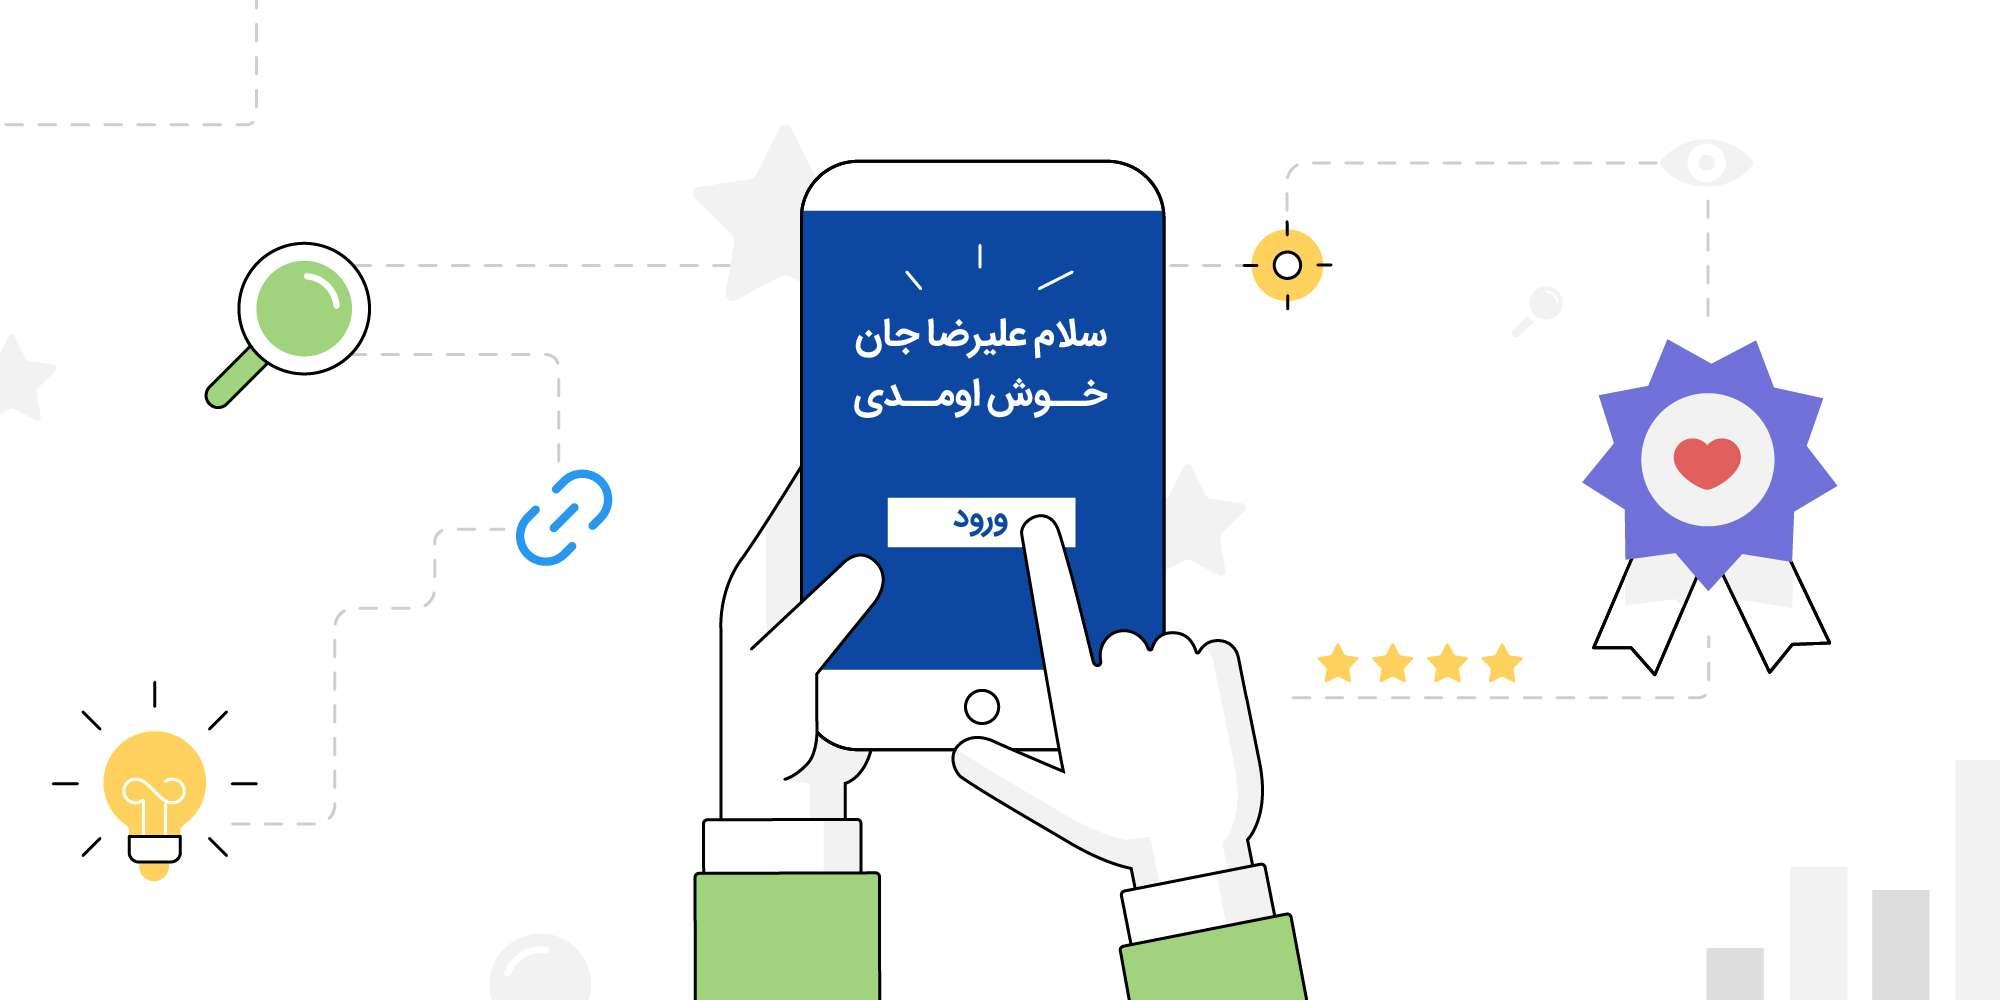 تصویر صفحه ورود به اپلیکیشن روی موبایل